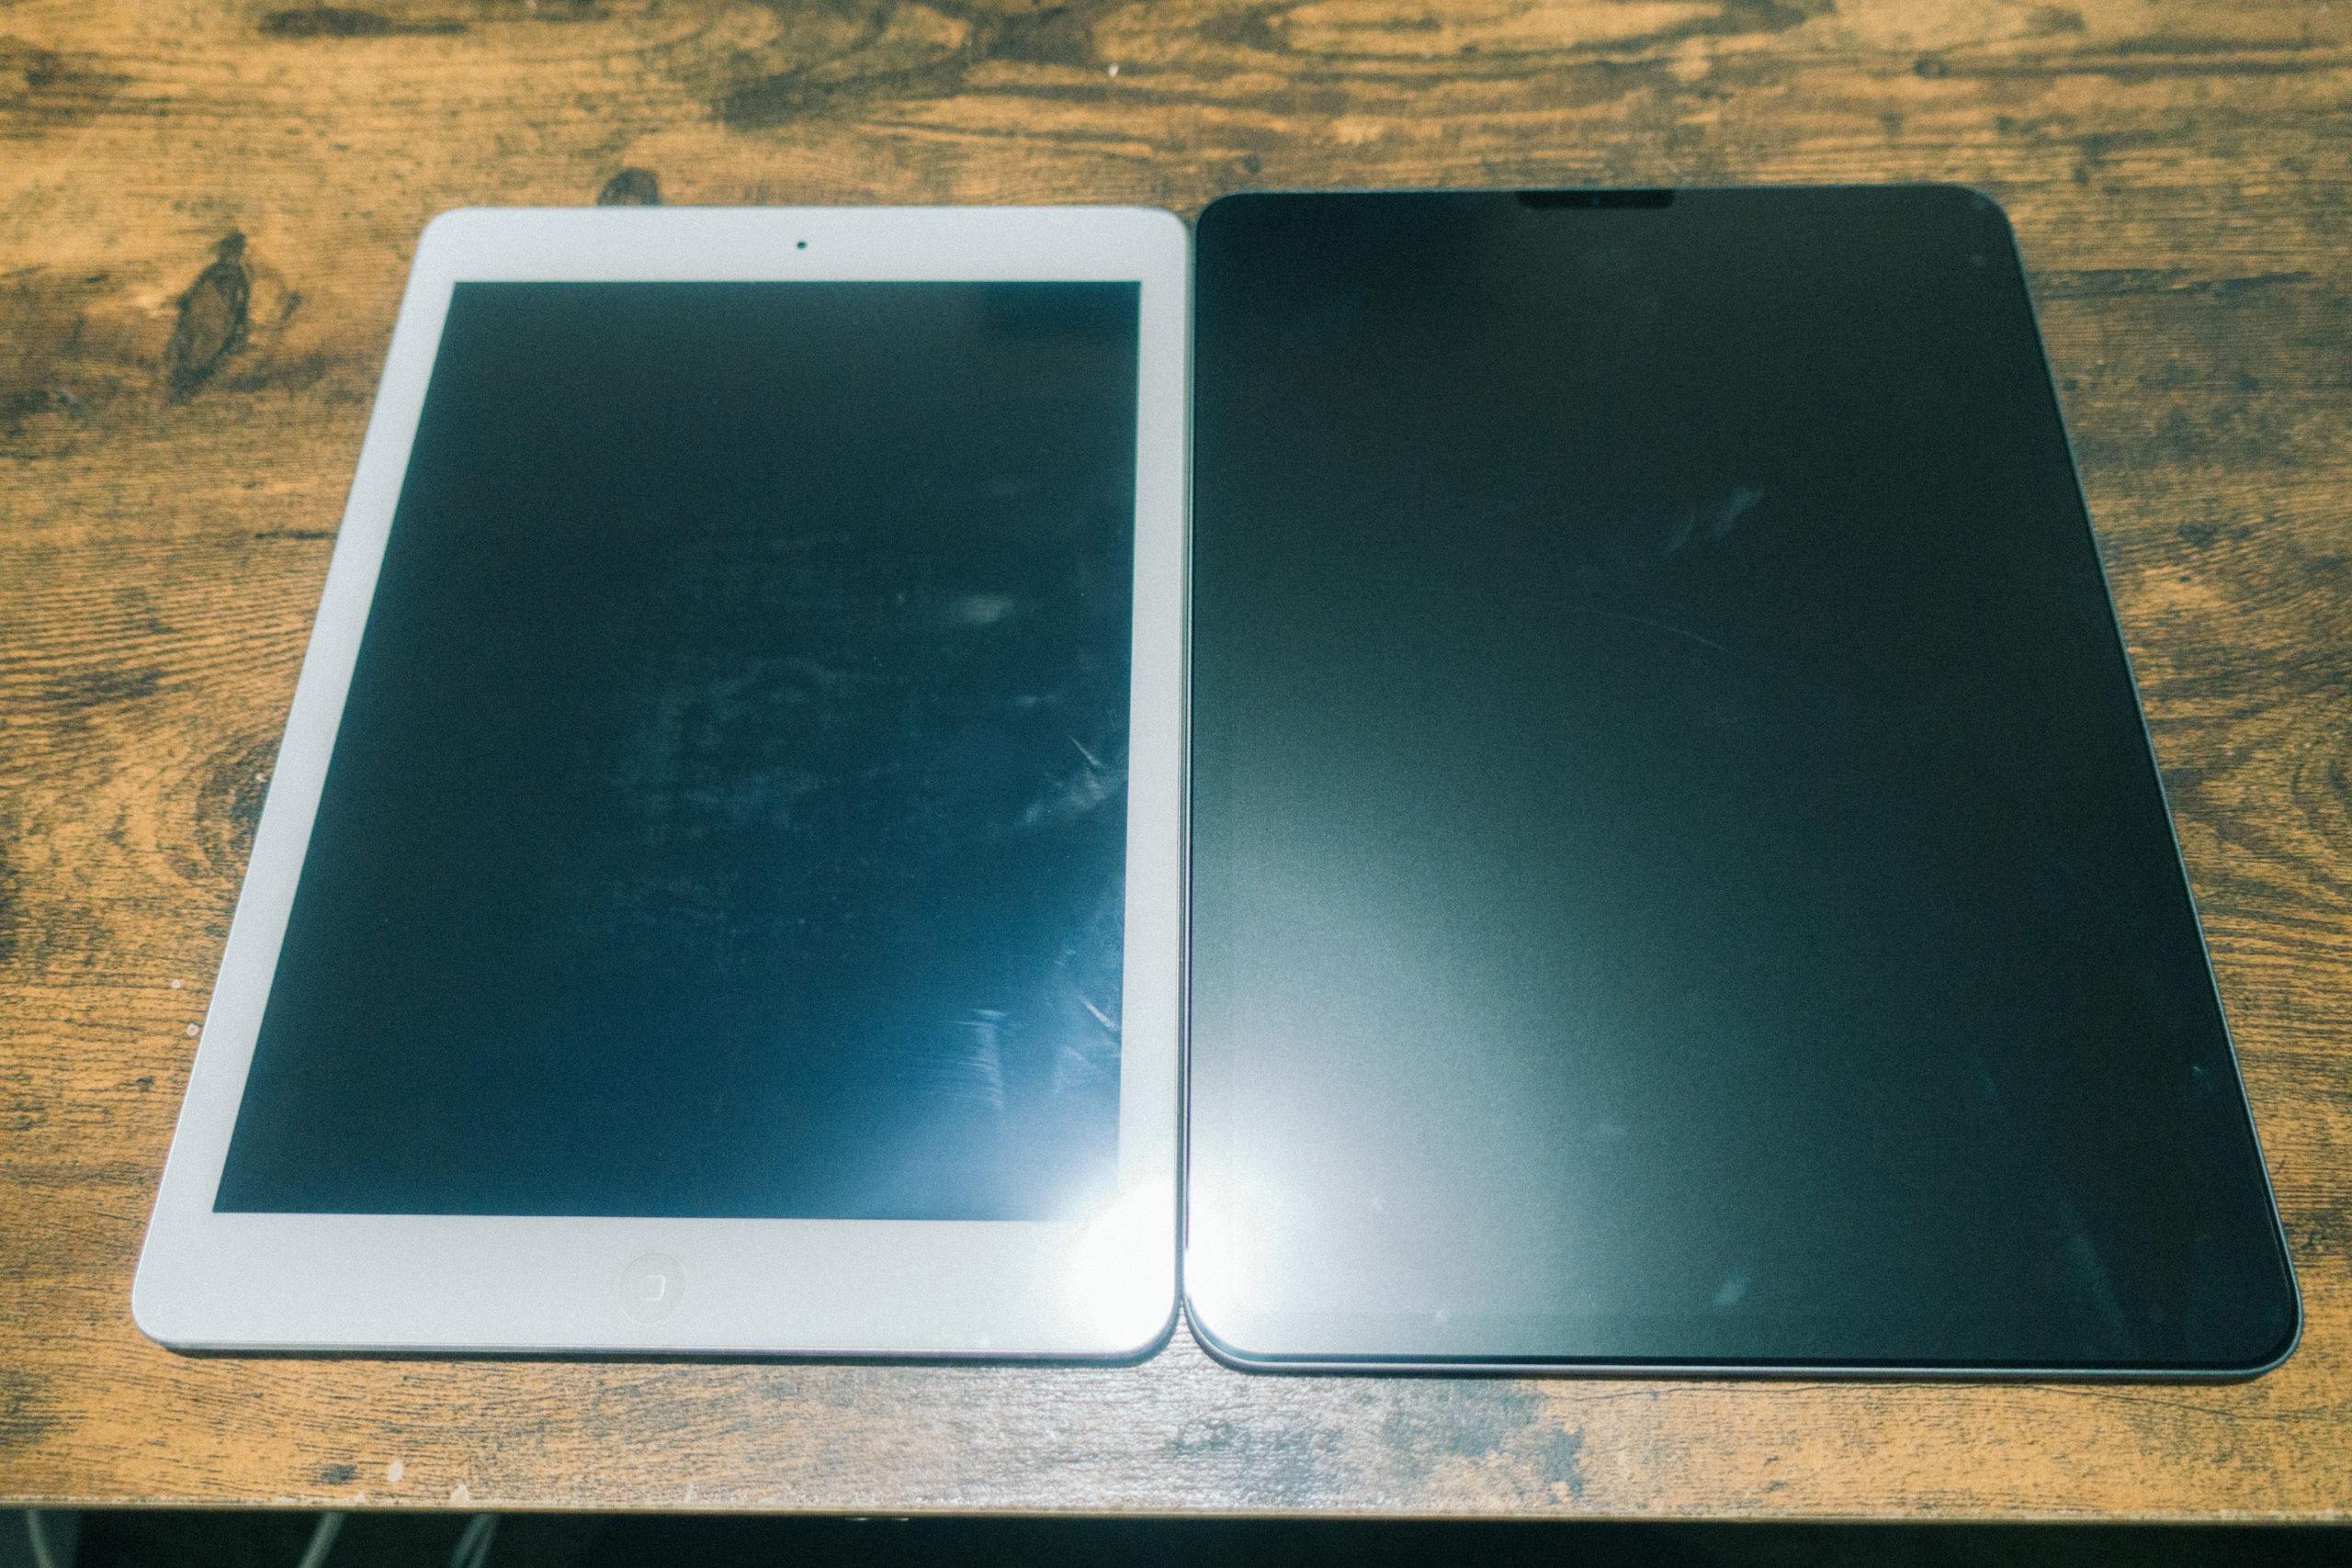 初代iPad AirとiPad Pro 11インチ表